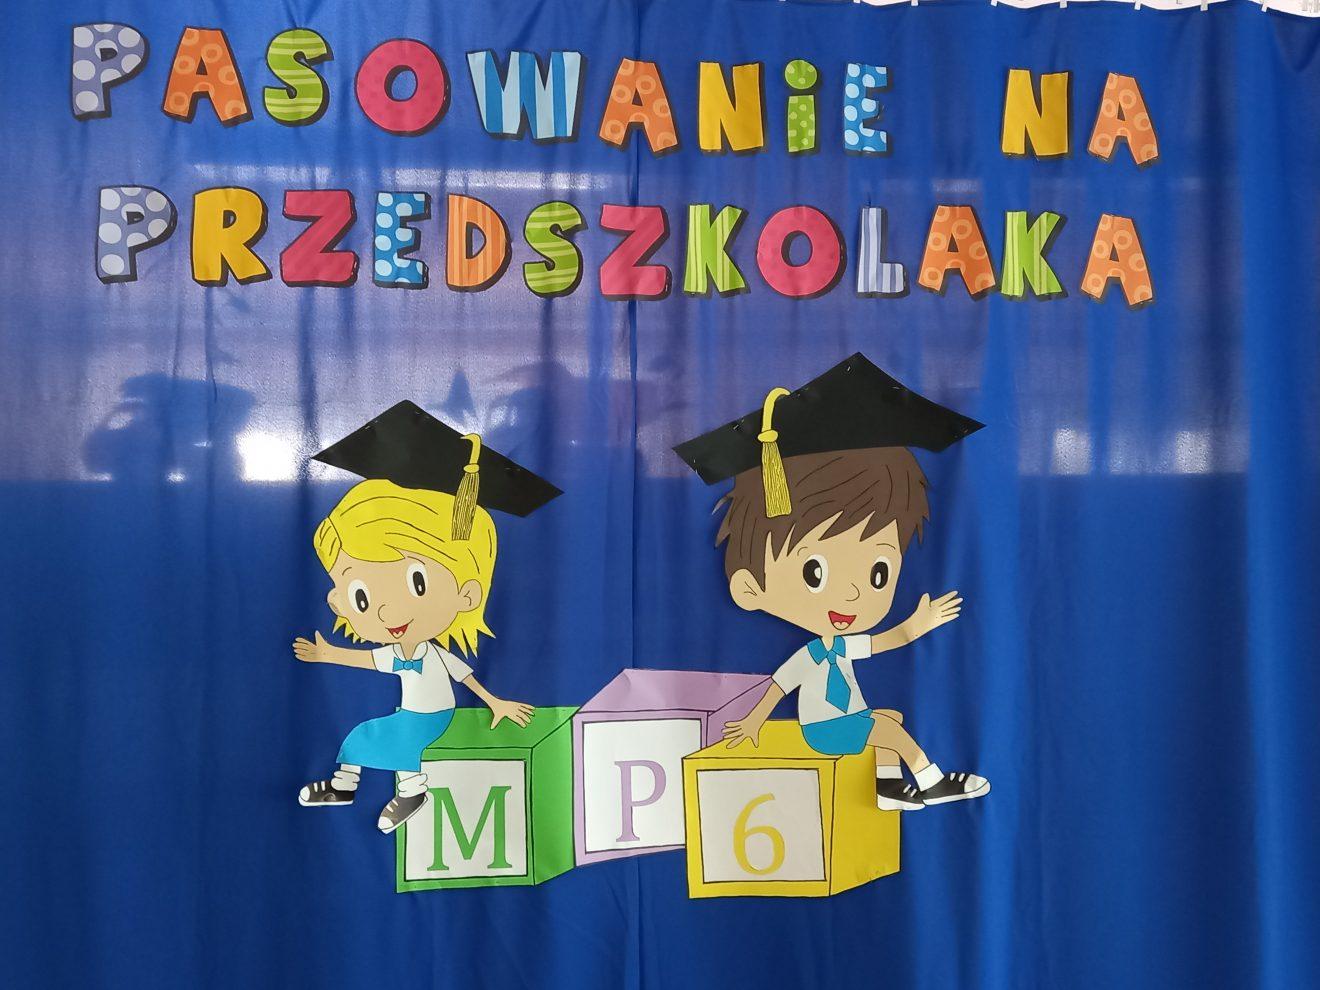 dekoracja pasowanie na przedszkolaka. Obrazek dzieci - dziewczynka i chłopiec siedzi na klockach z logo MP6